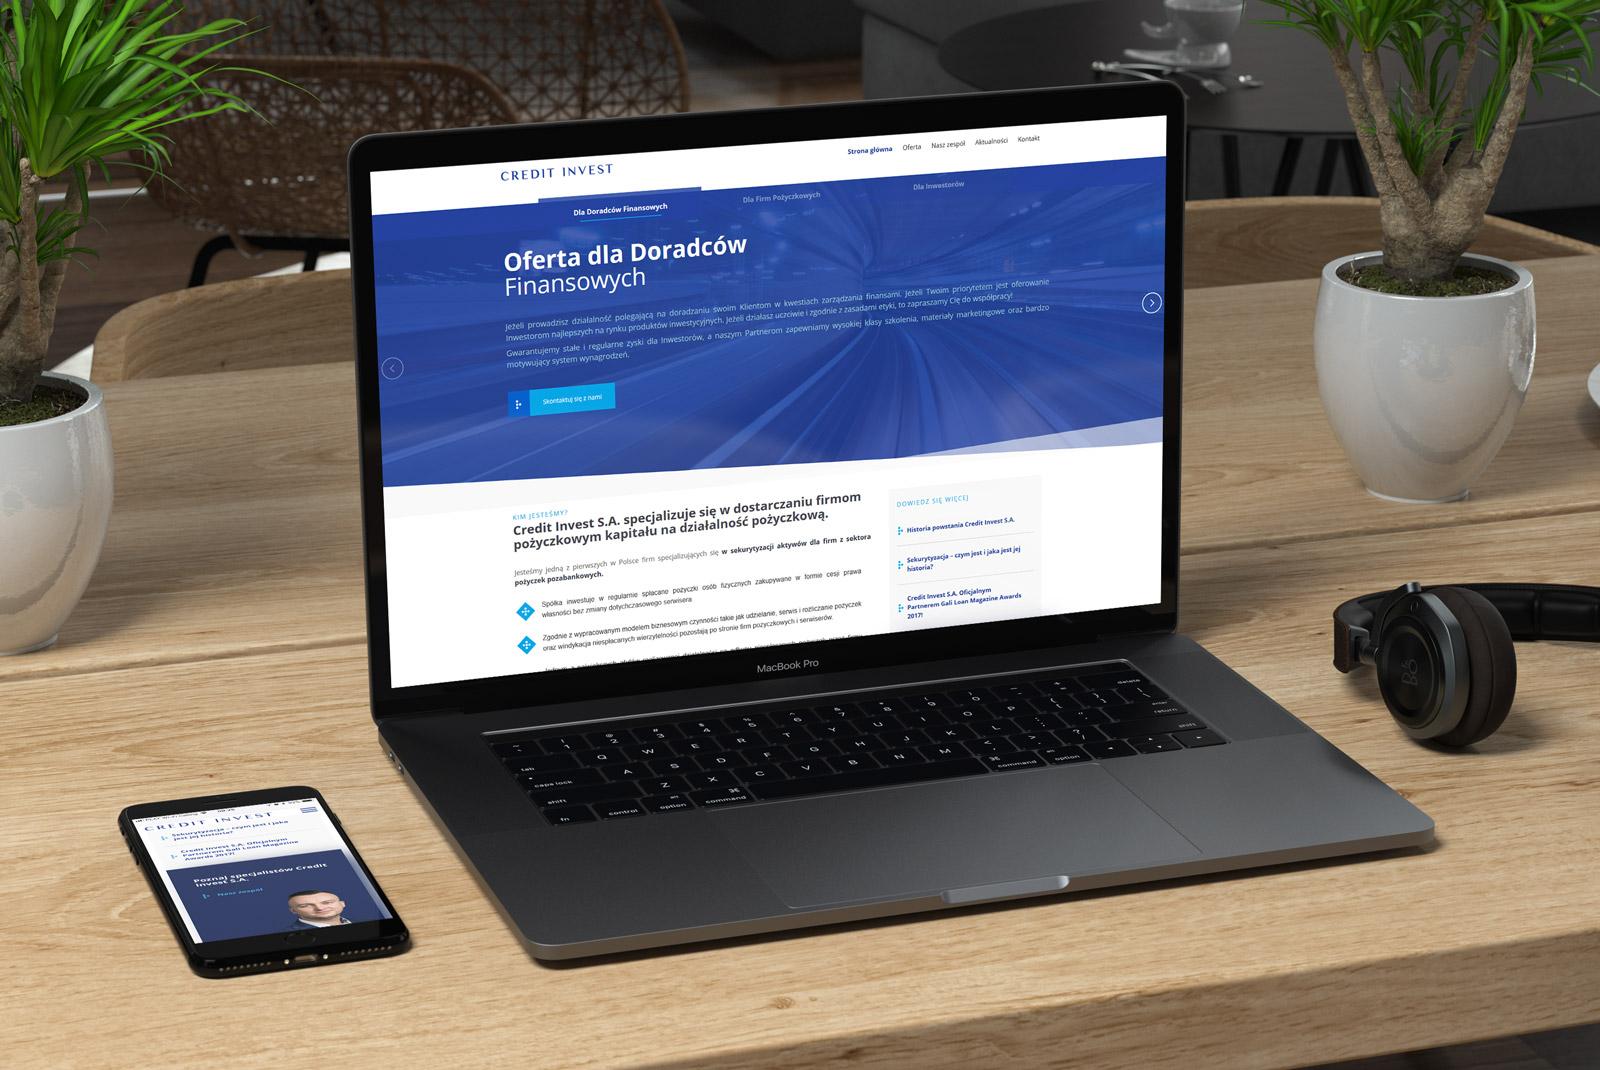 Credit Invest - wizualizacja nowej strony internetowej